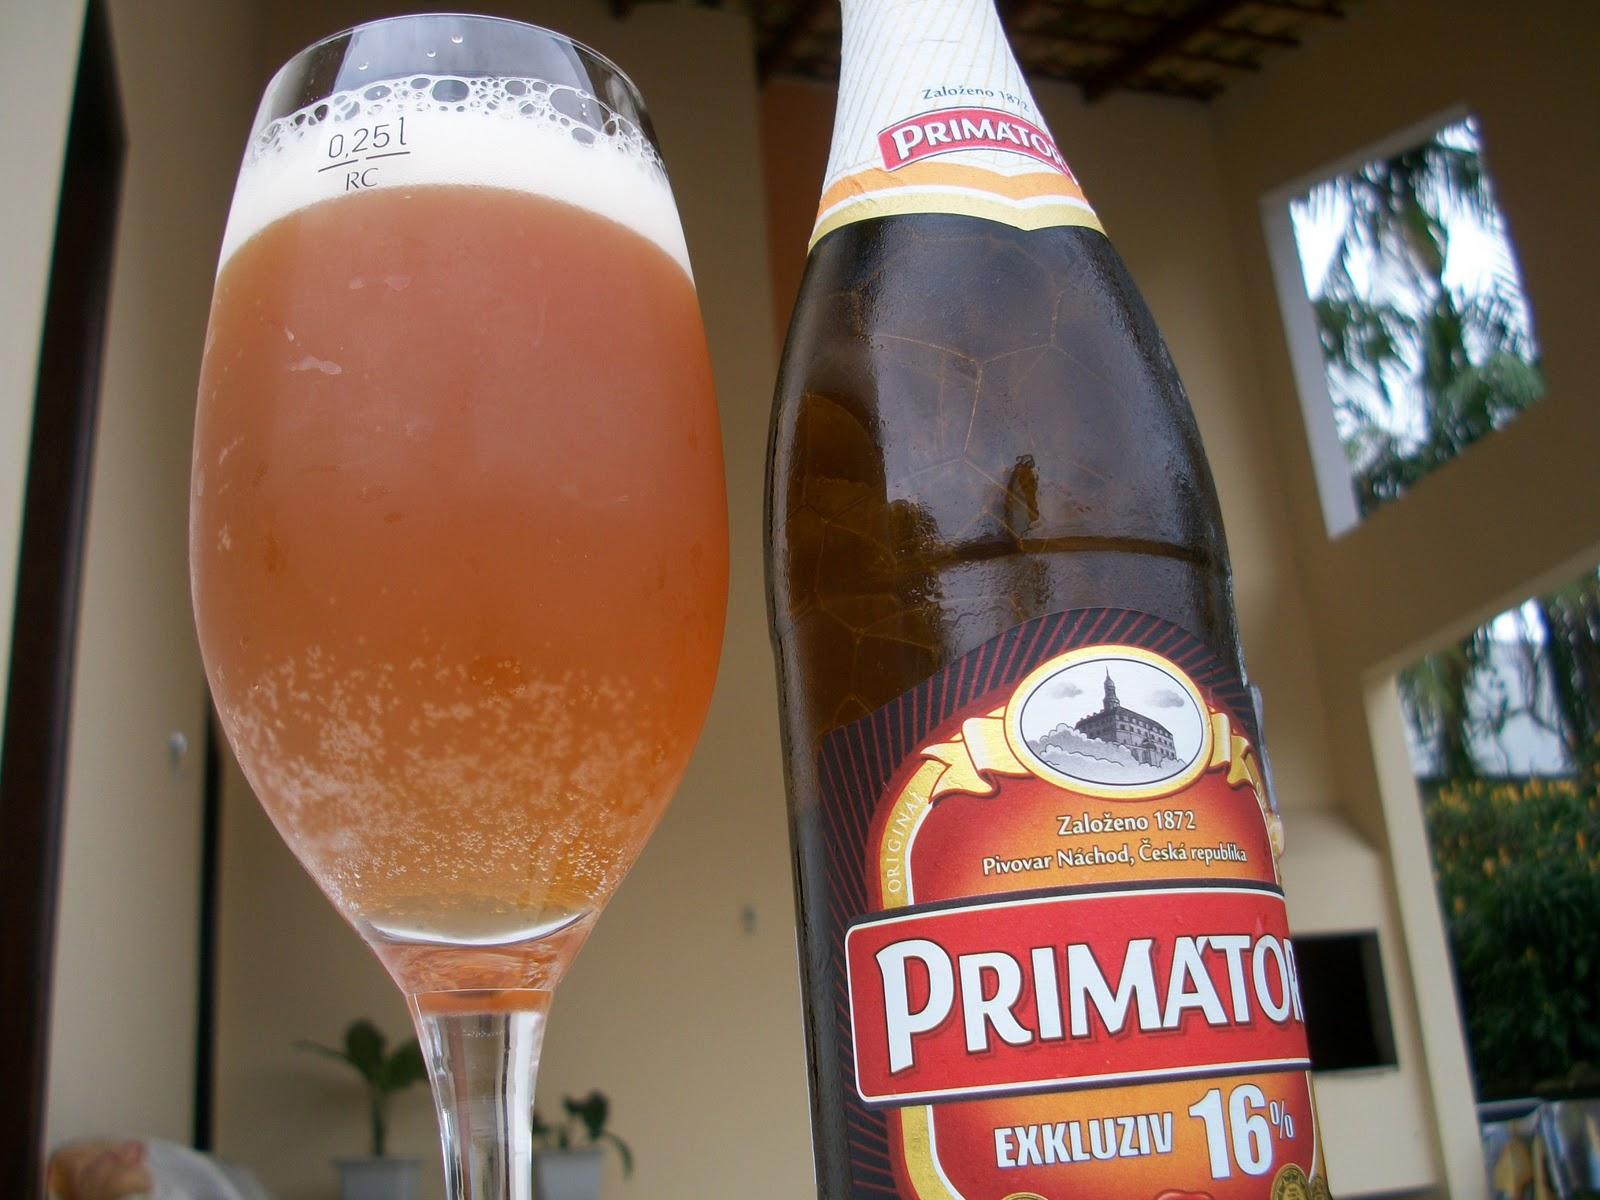 Primátor - Exklusiv 16%